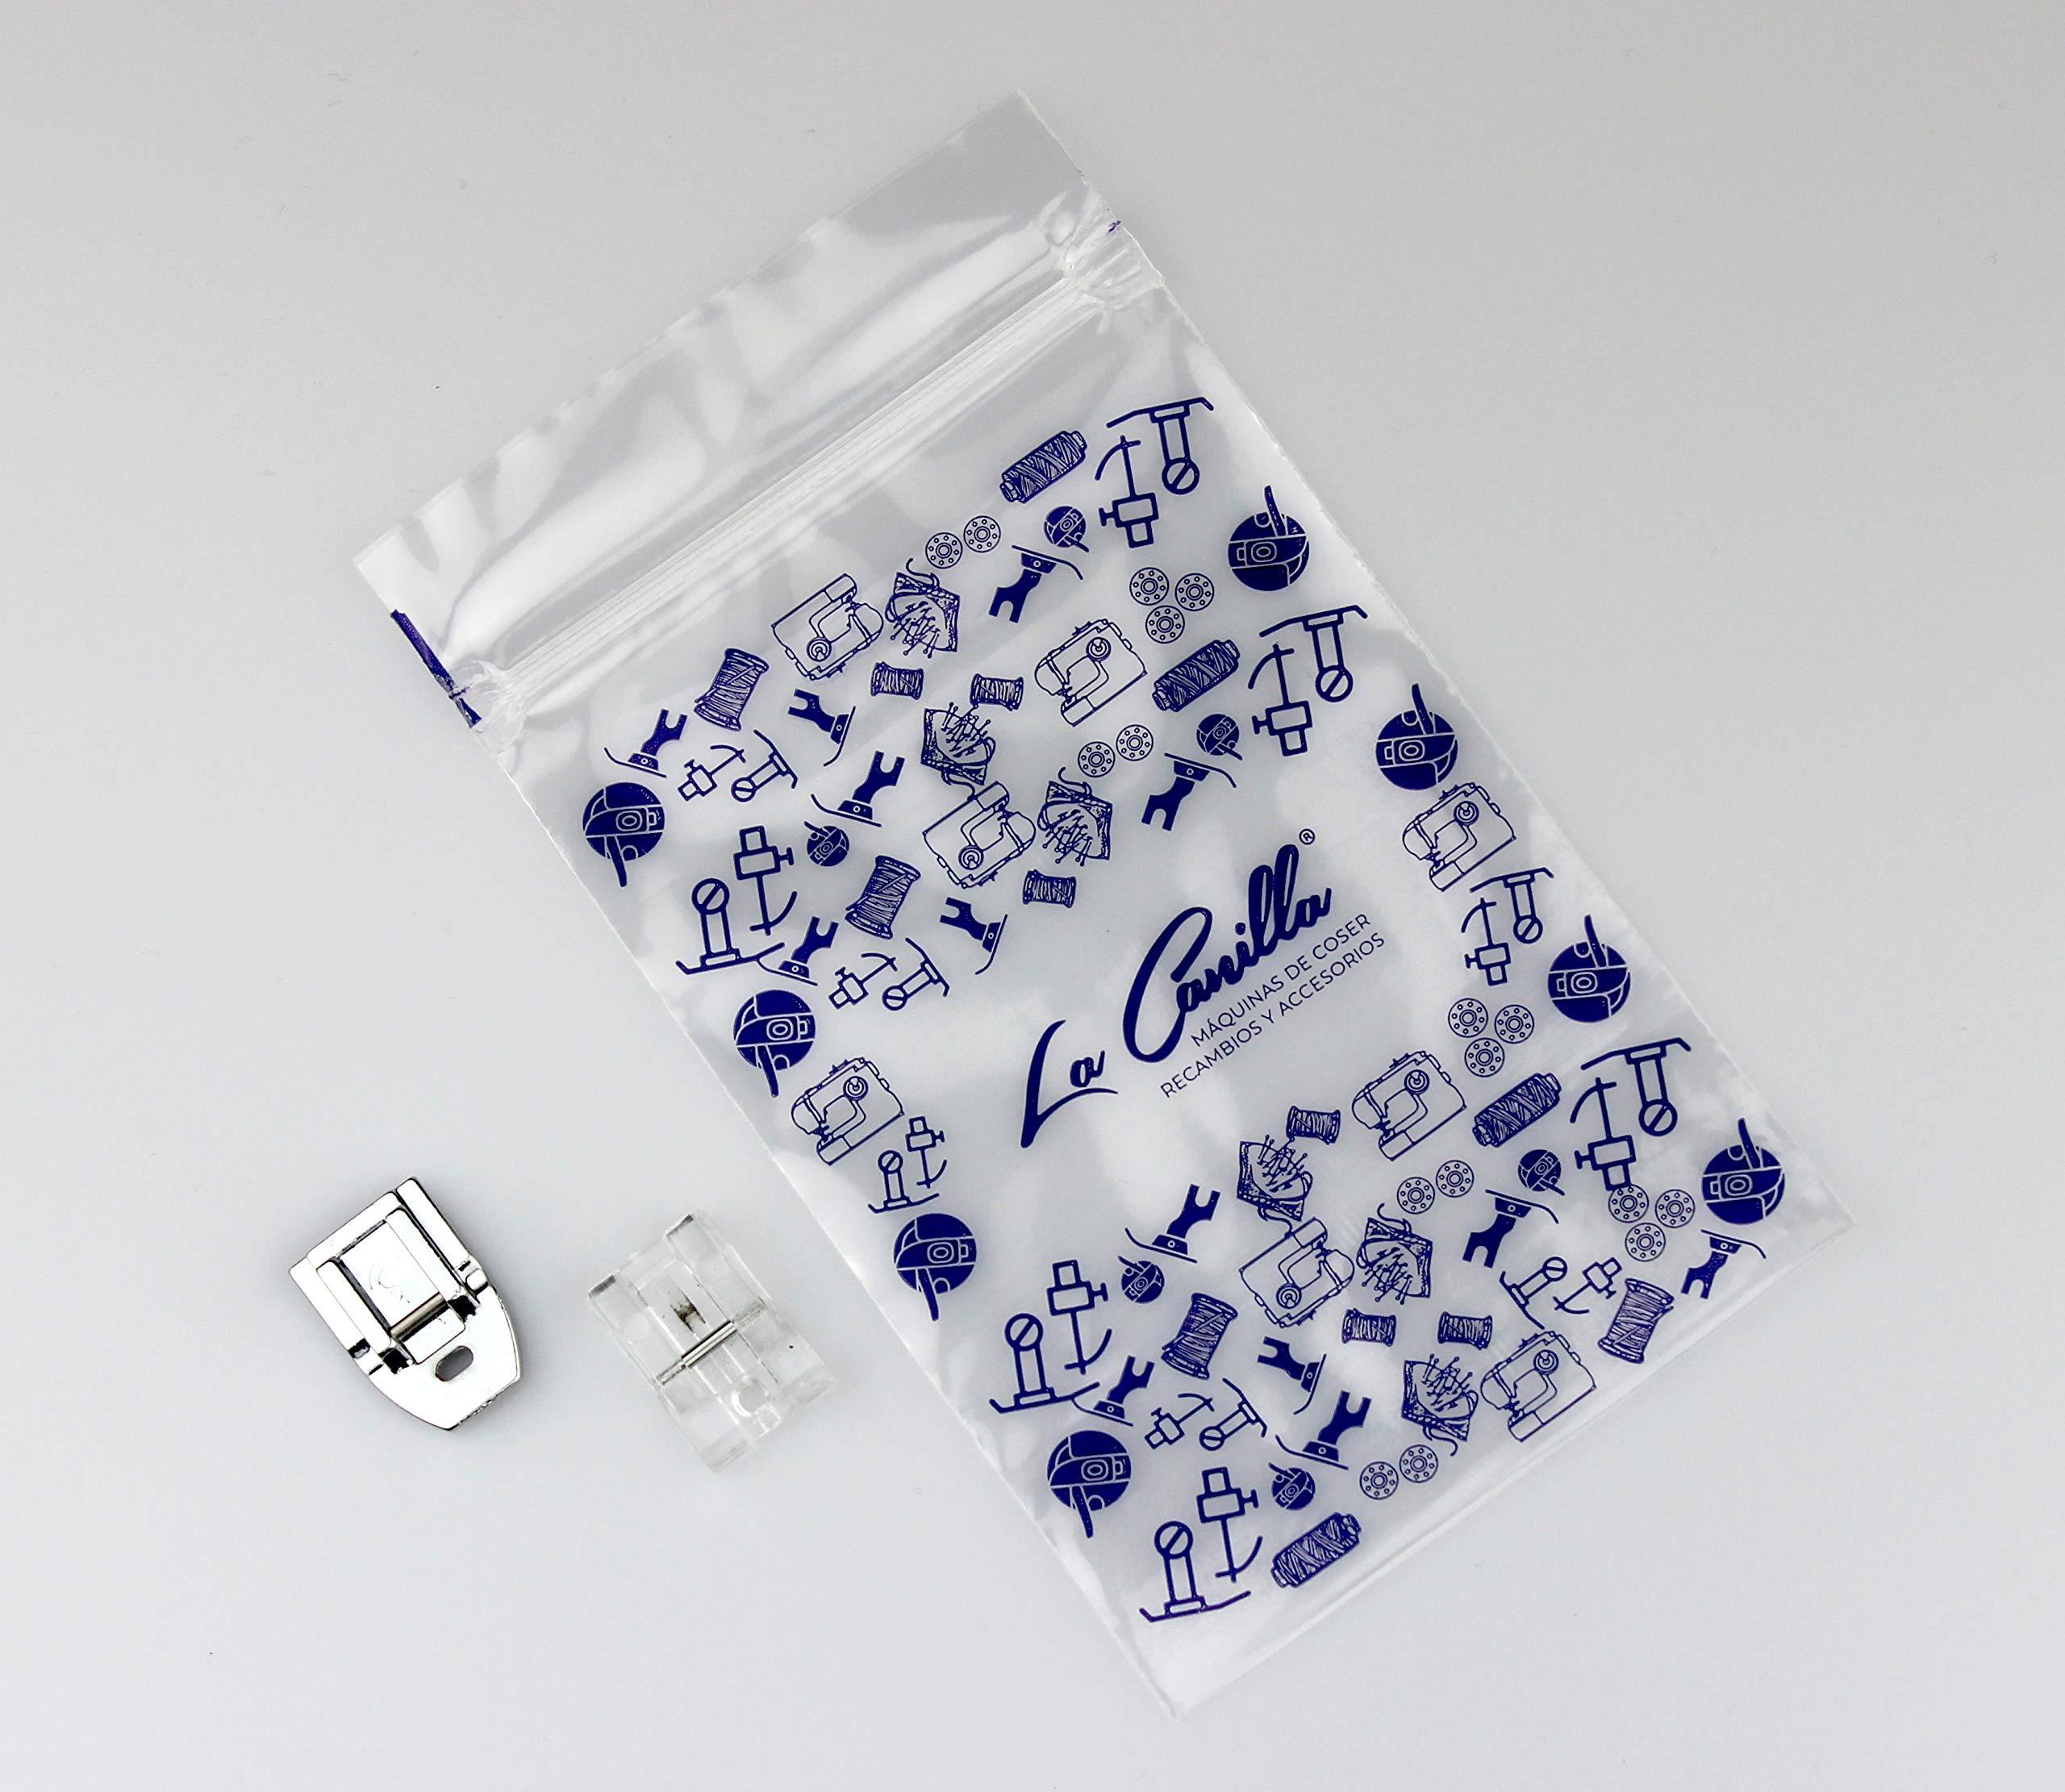 La Canilla ® - Kit 2 Prensatelas de Cremalleras Invisibles para Máquinas de Coser Alfa, Singer, Brother, Juki, Lidl (Snap-On) Universales: Amazon.es: Hogar